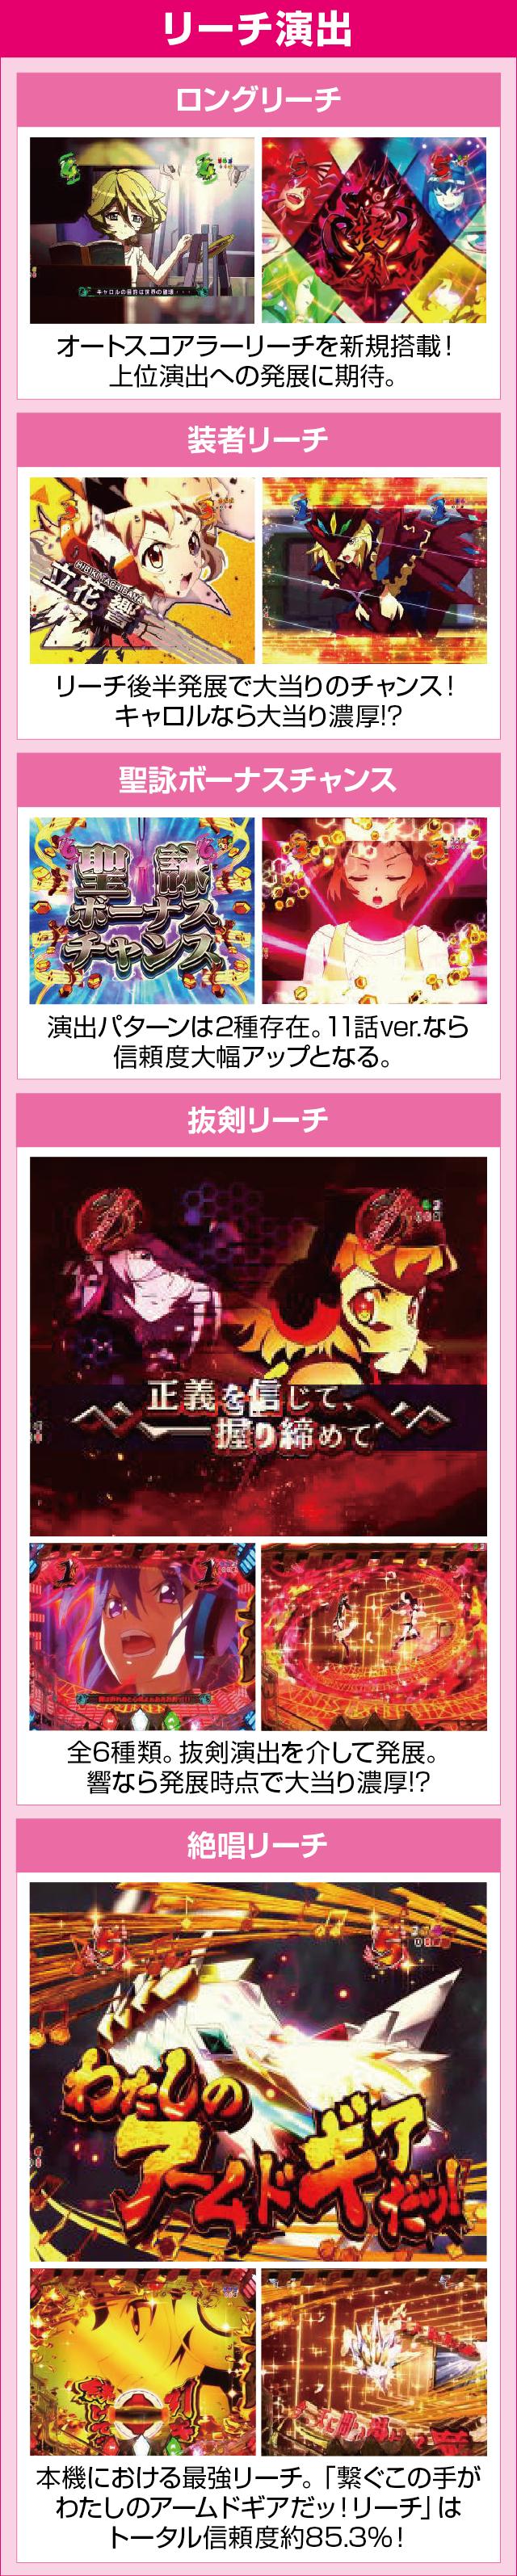 Pフィーバー戦姫絶唱シンフォギア2 1/77ver.のピックアップポイント